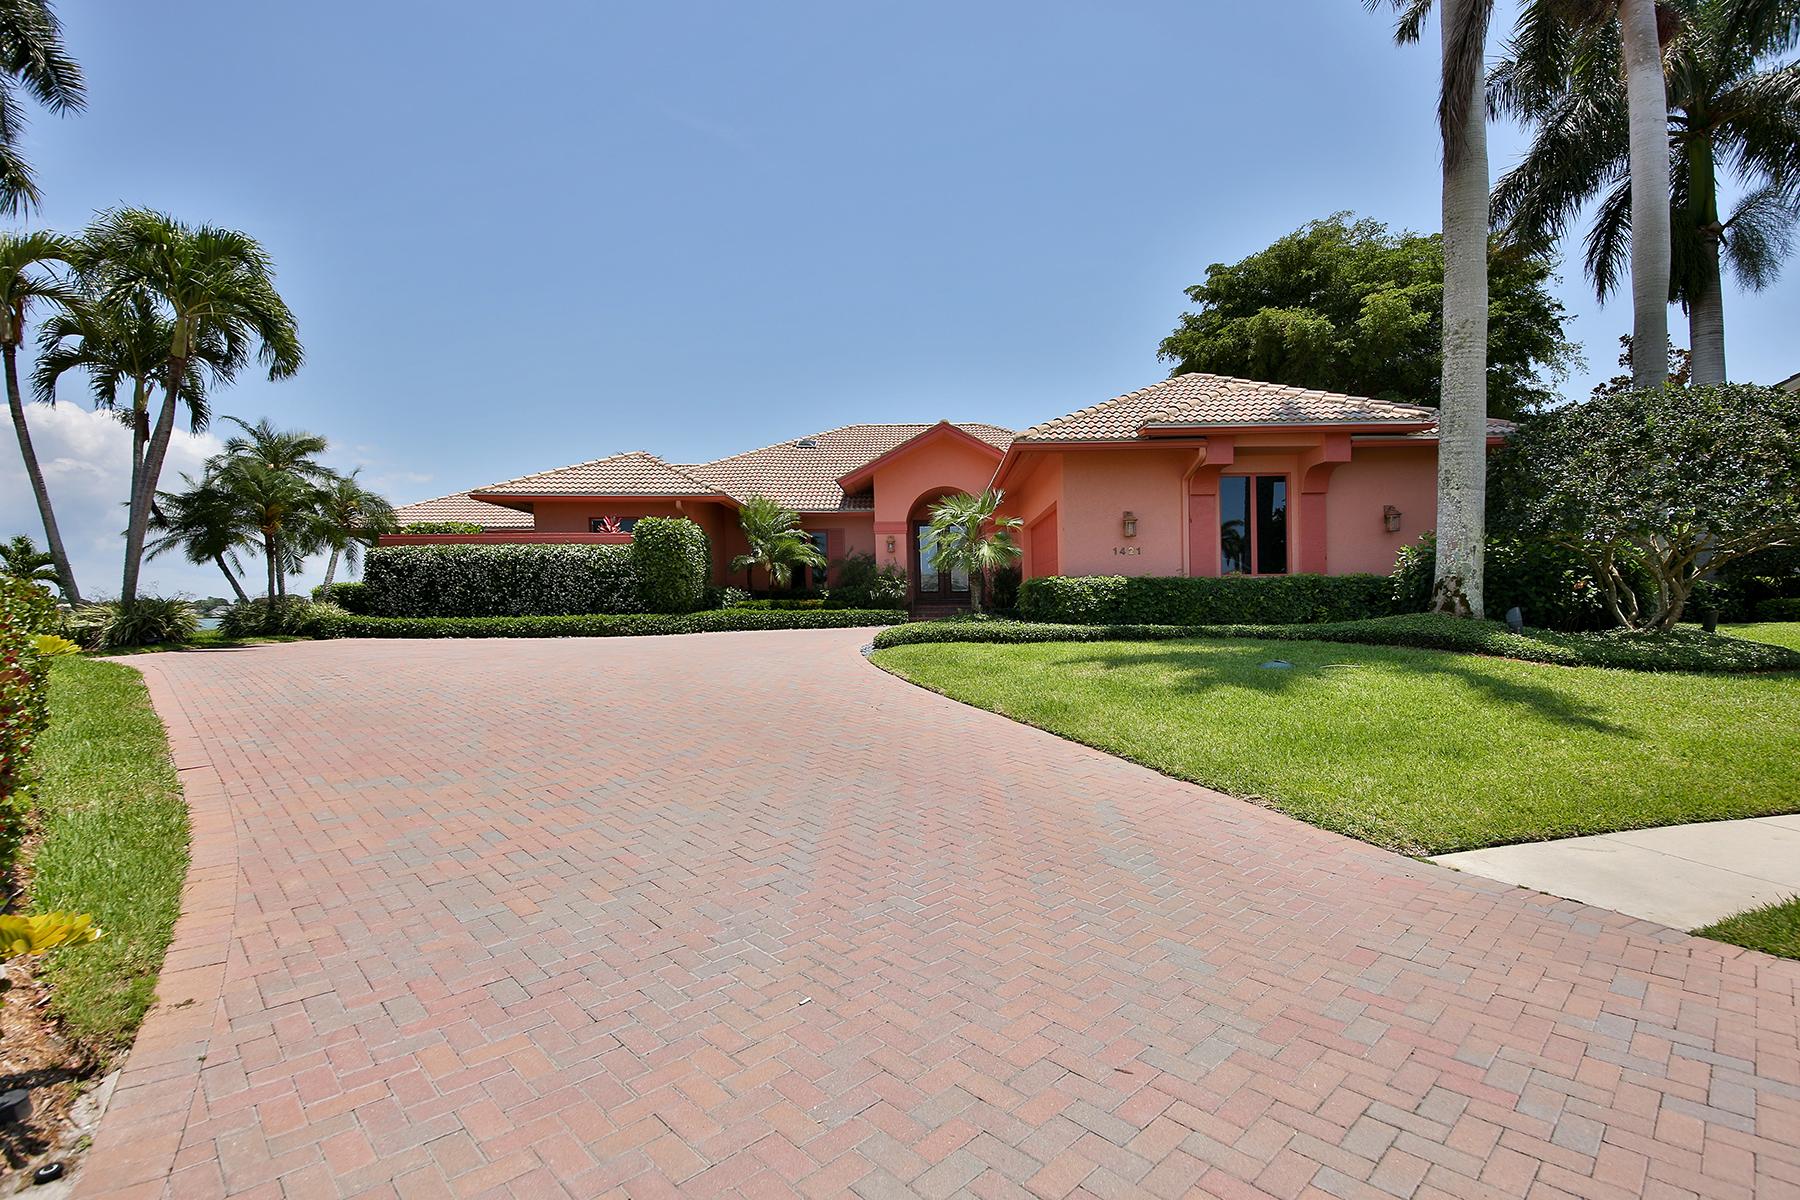 Maison unifamiliale pour l Vente à MARCO ISLAND 1421 Forrest Ct Marco Island, Florida, 34145 États-Unis